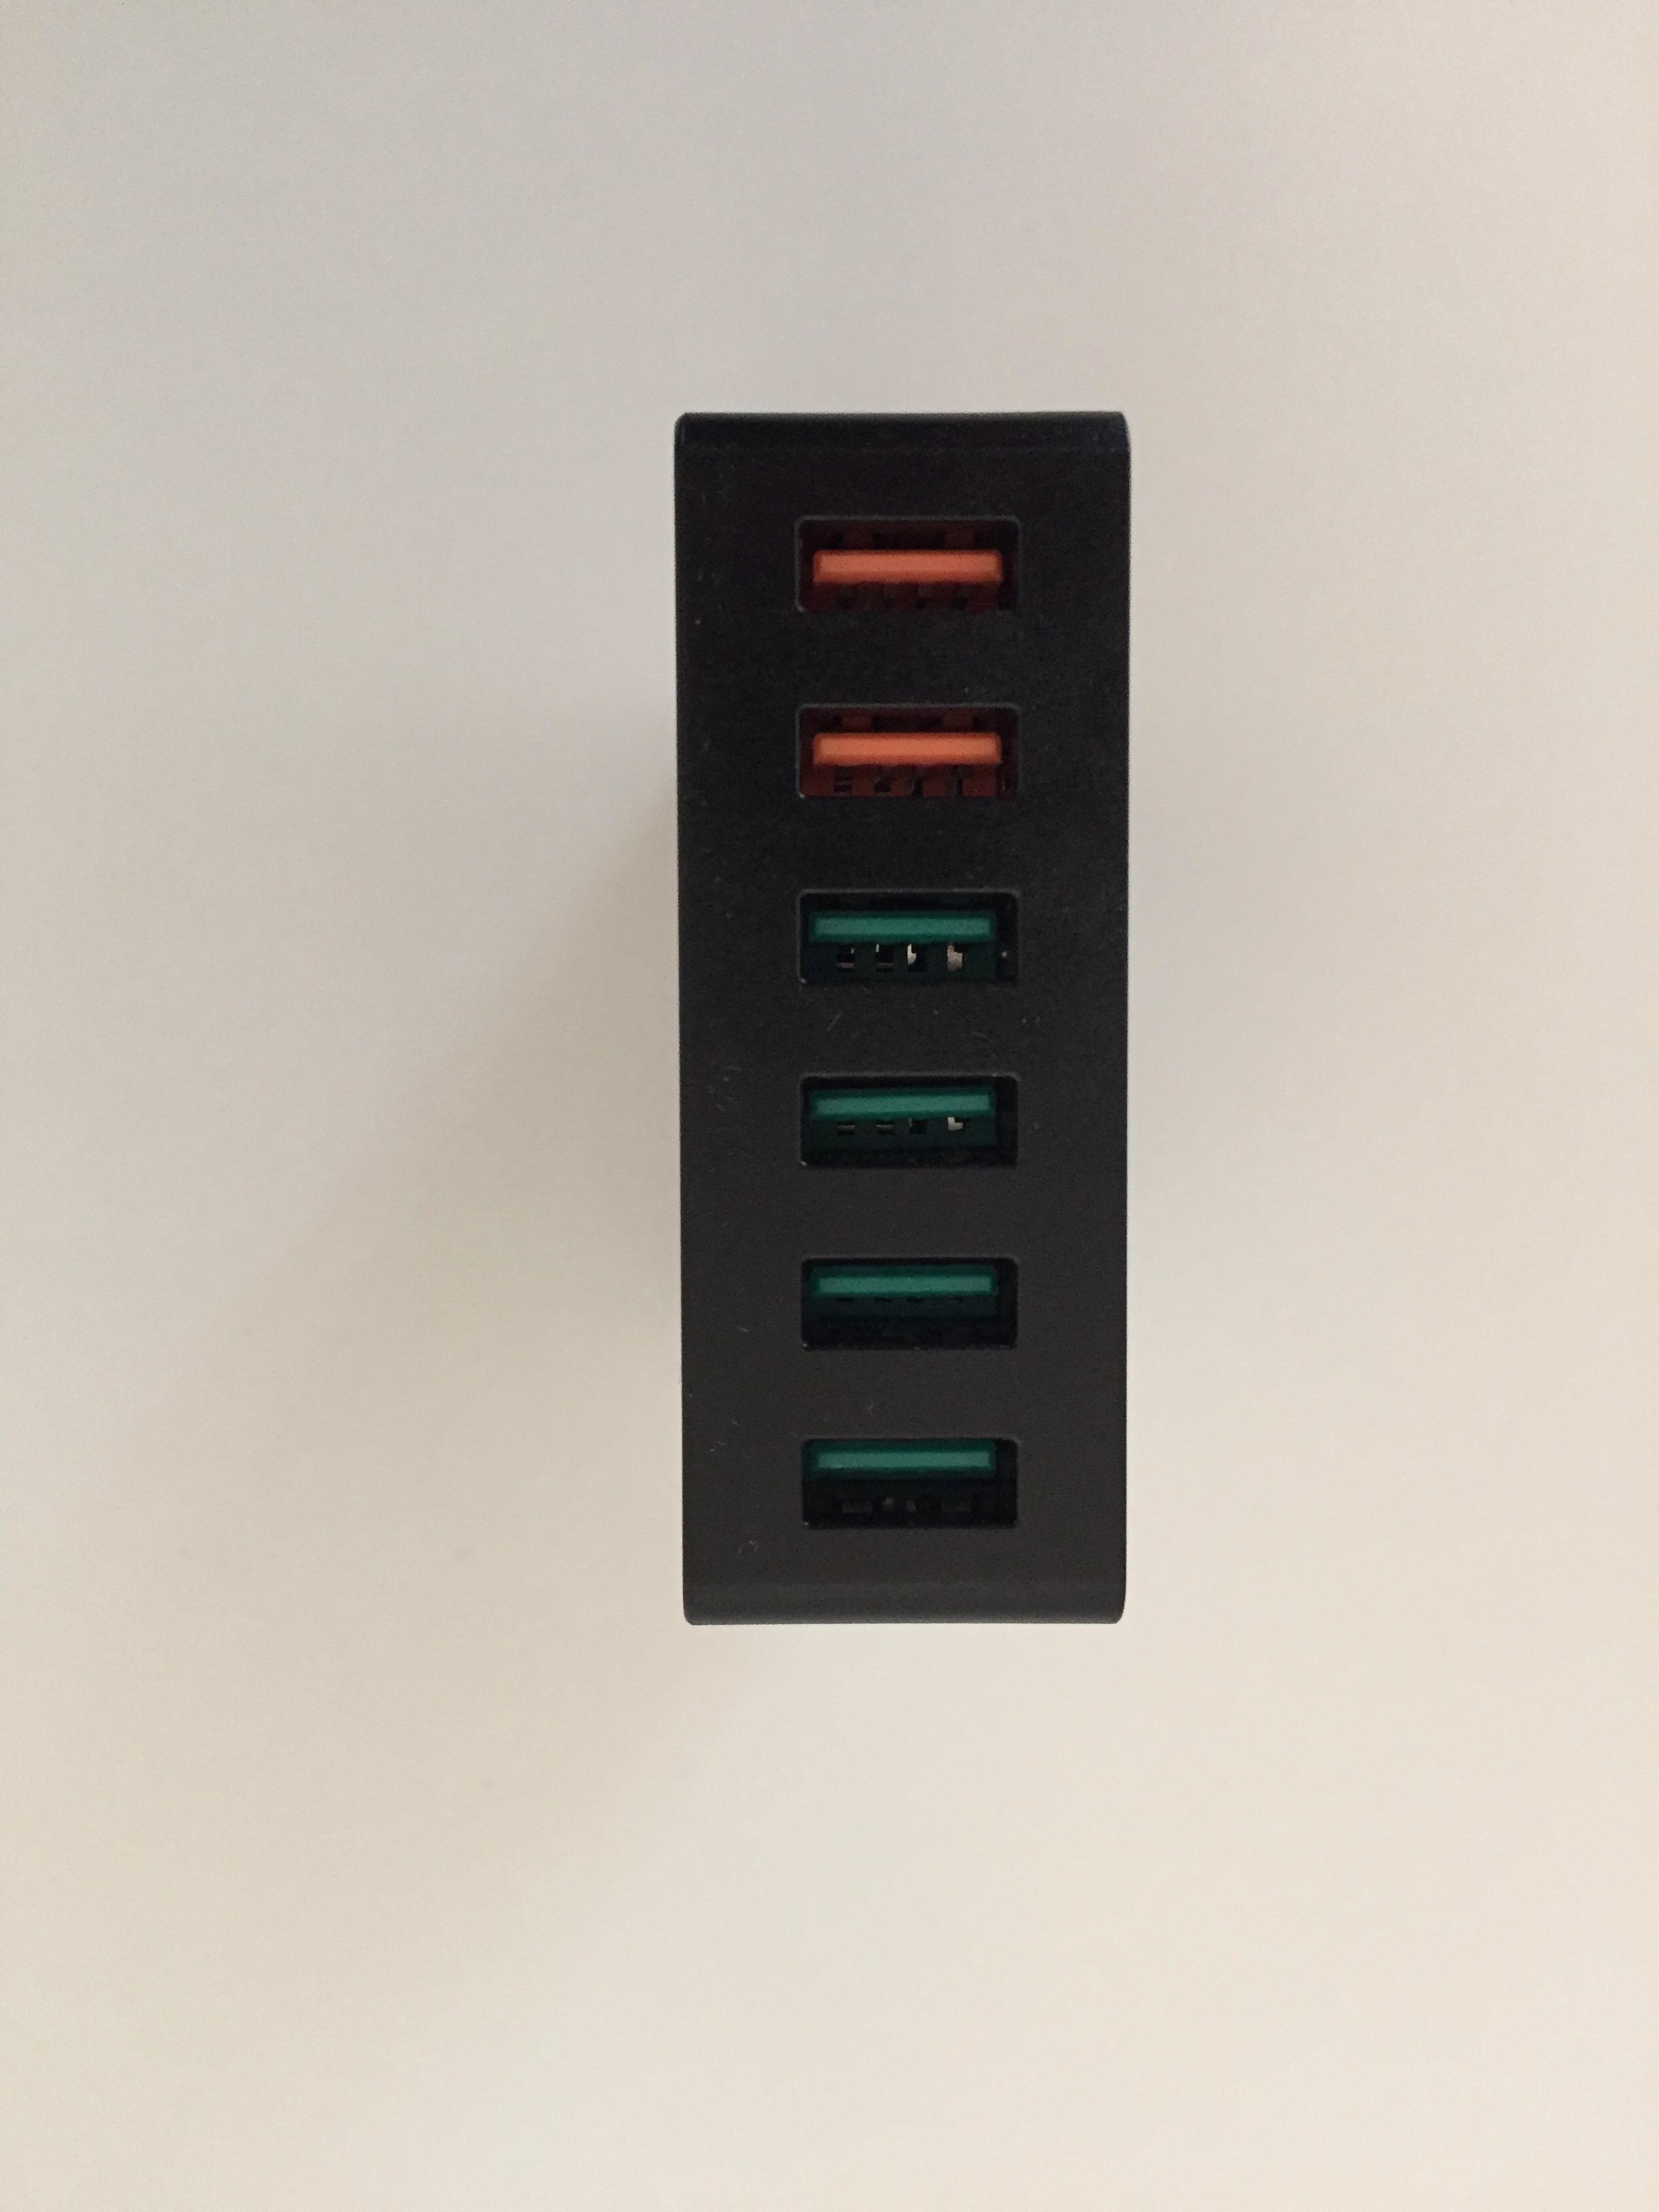 20170224 Chargeur secteur 6 ports USB Aukey avec Quick Charge 3.0 6